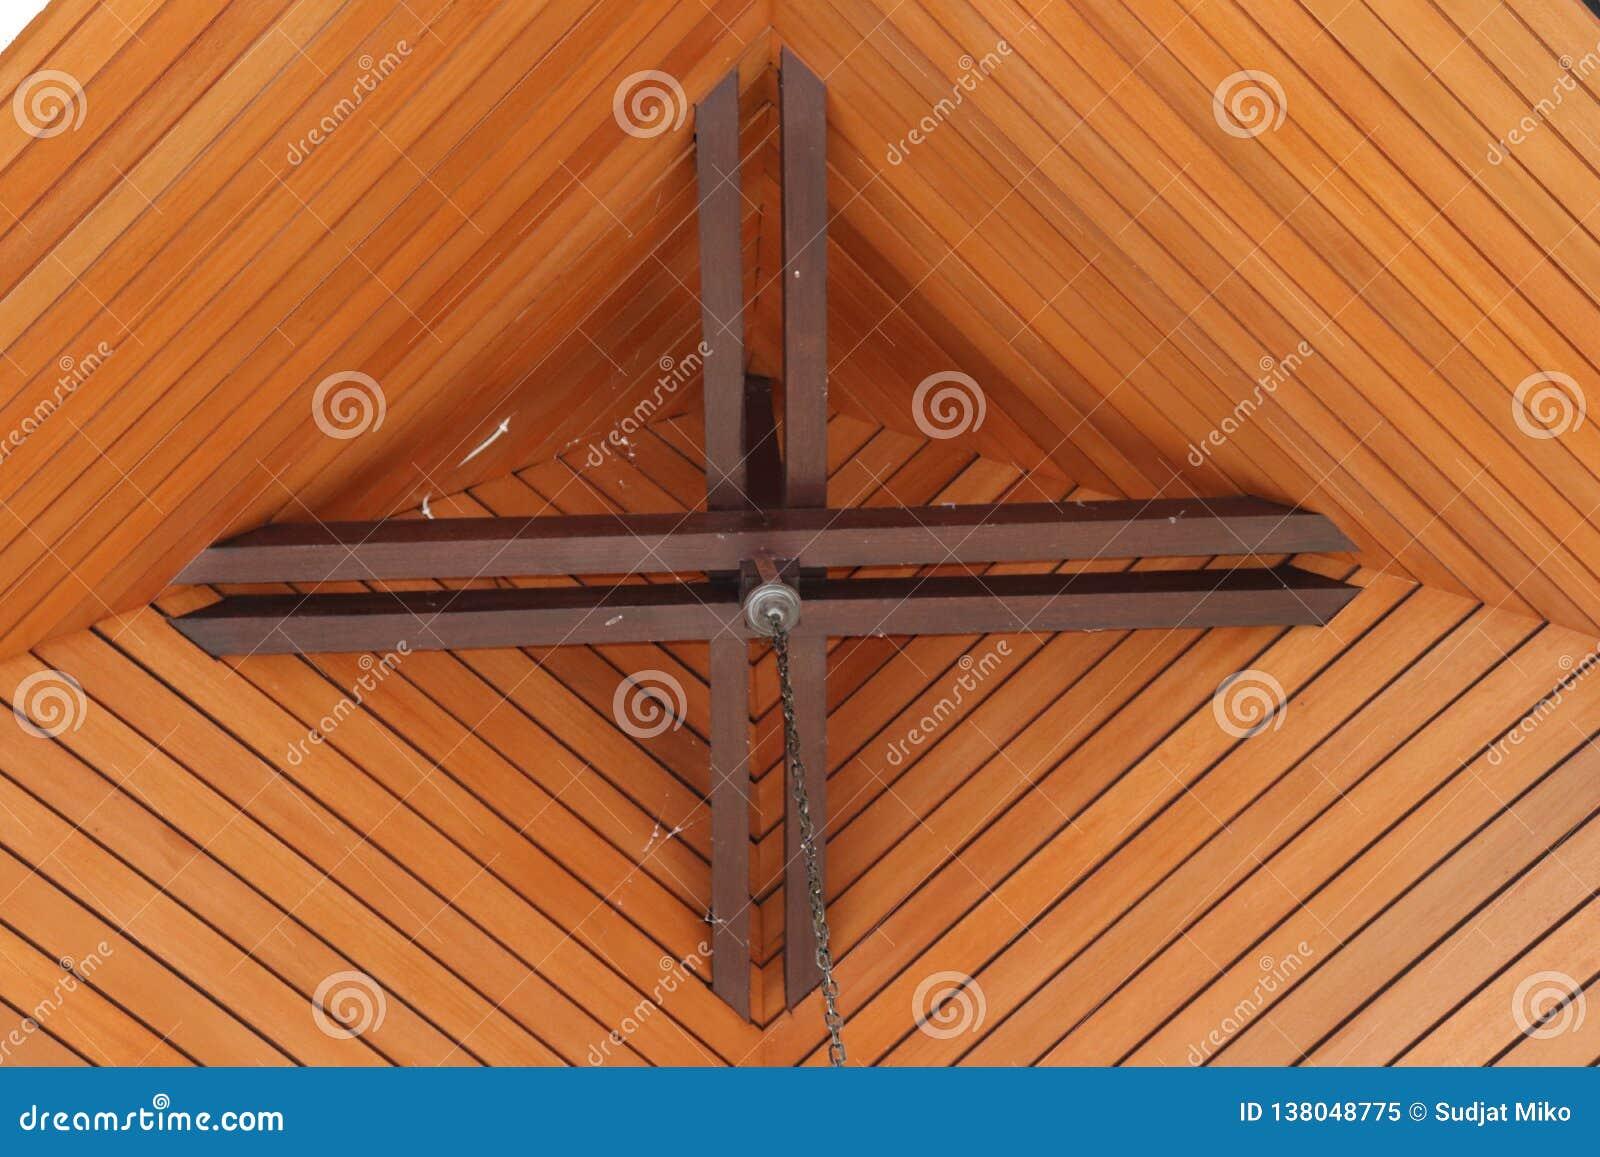 Teto da casa arranjo de madeira cónico projeto natural,